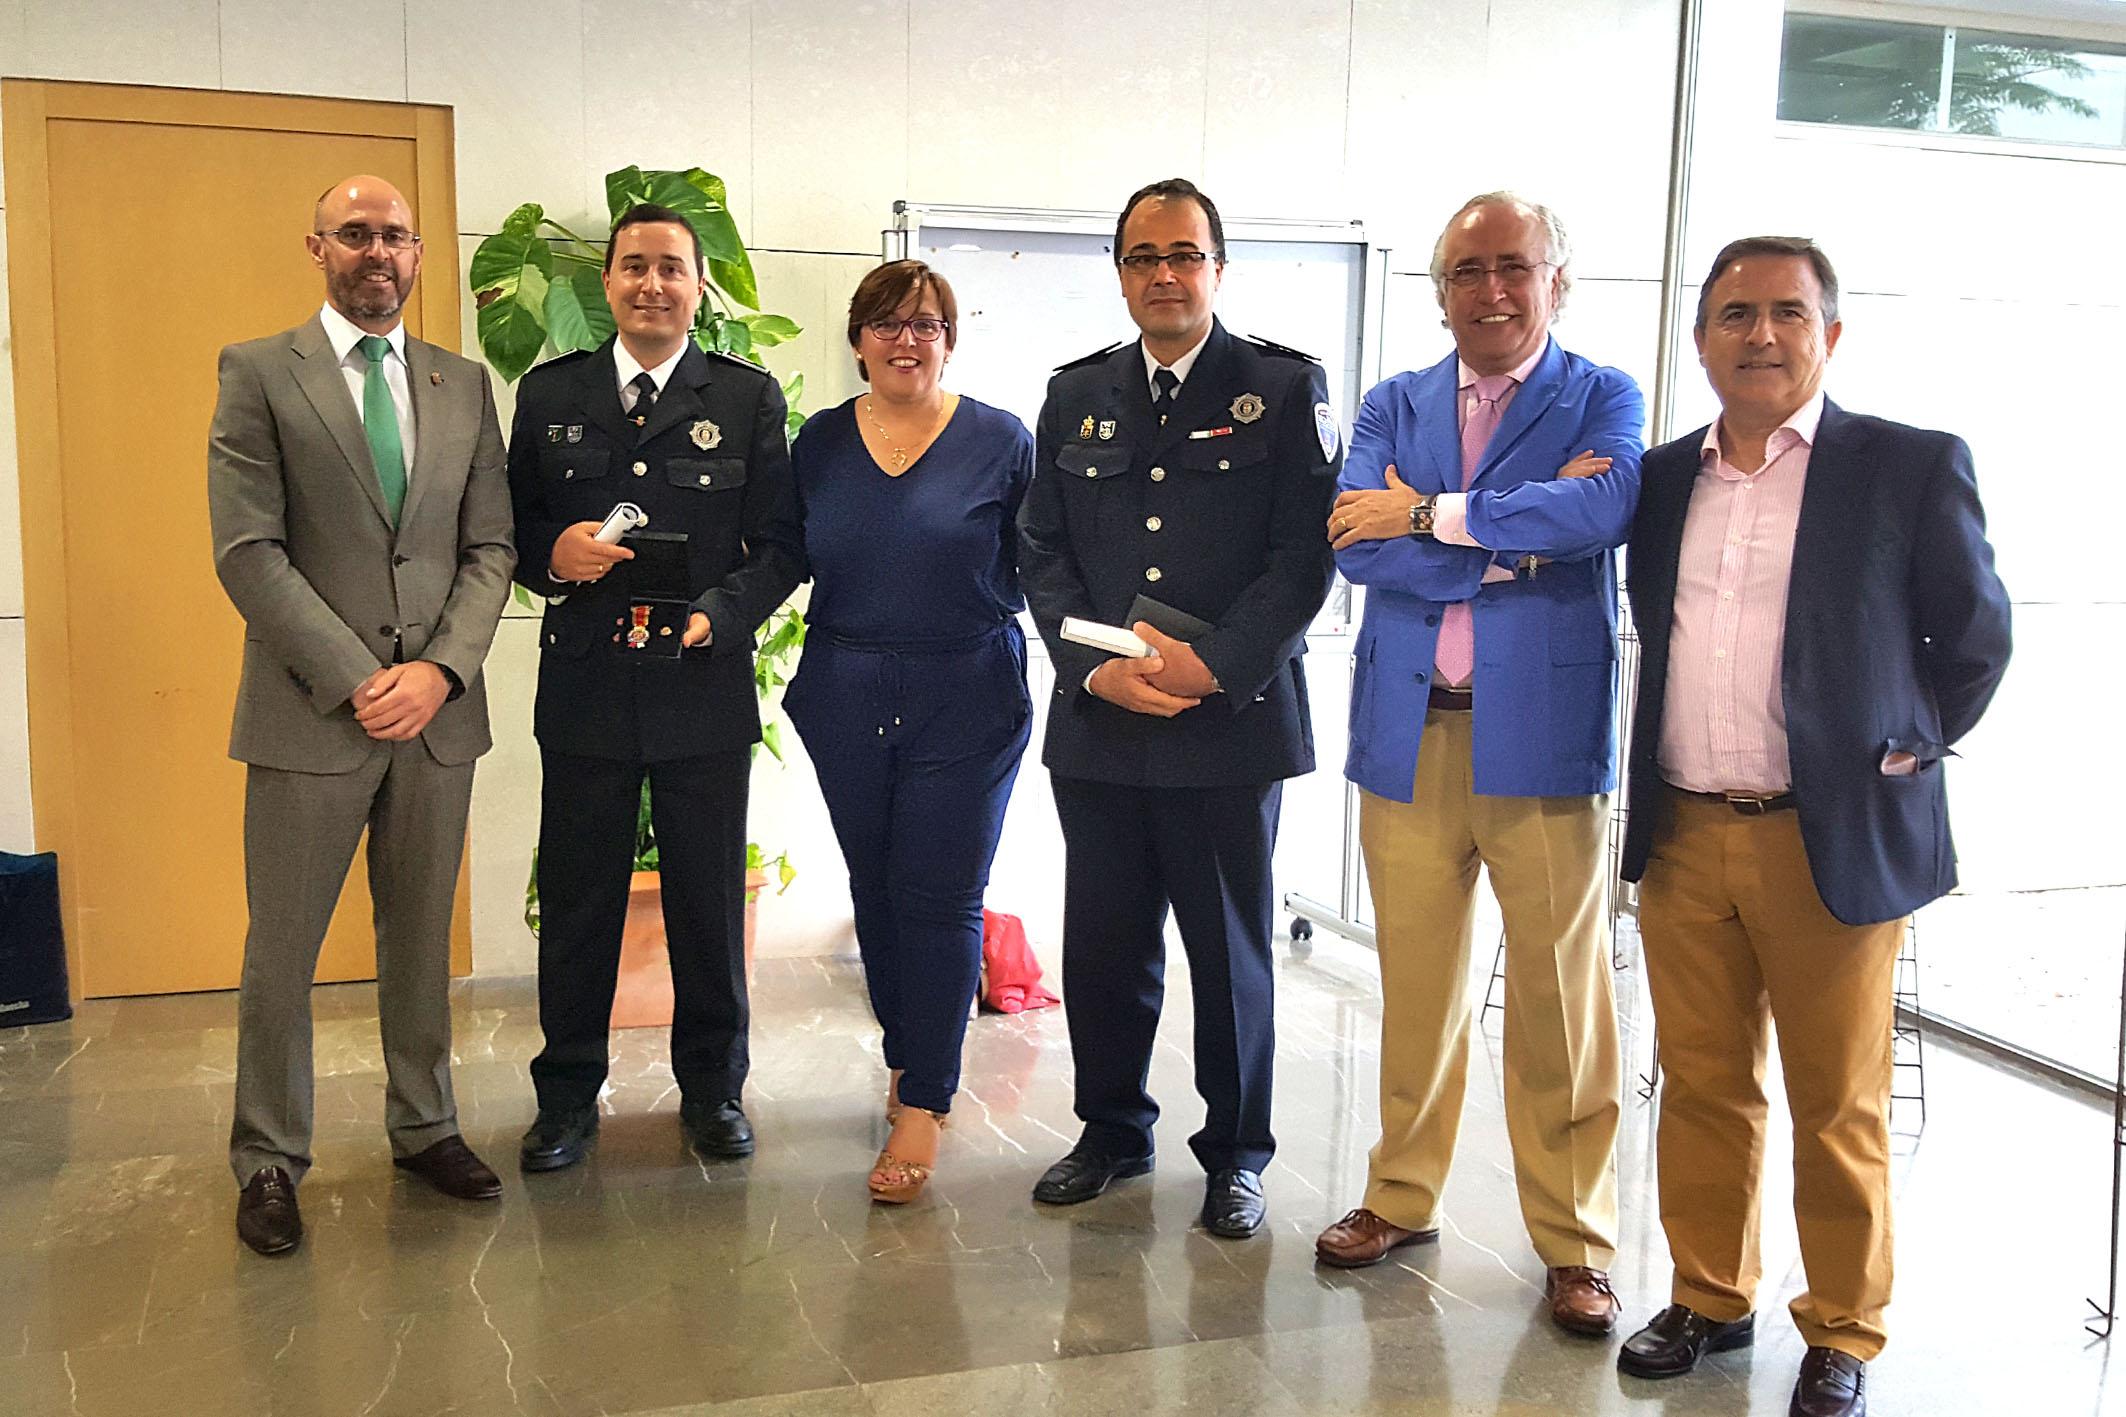 Condecoraciones Policias Locales premiados con autoridades